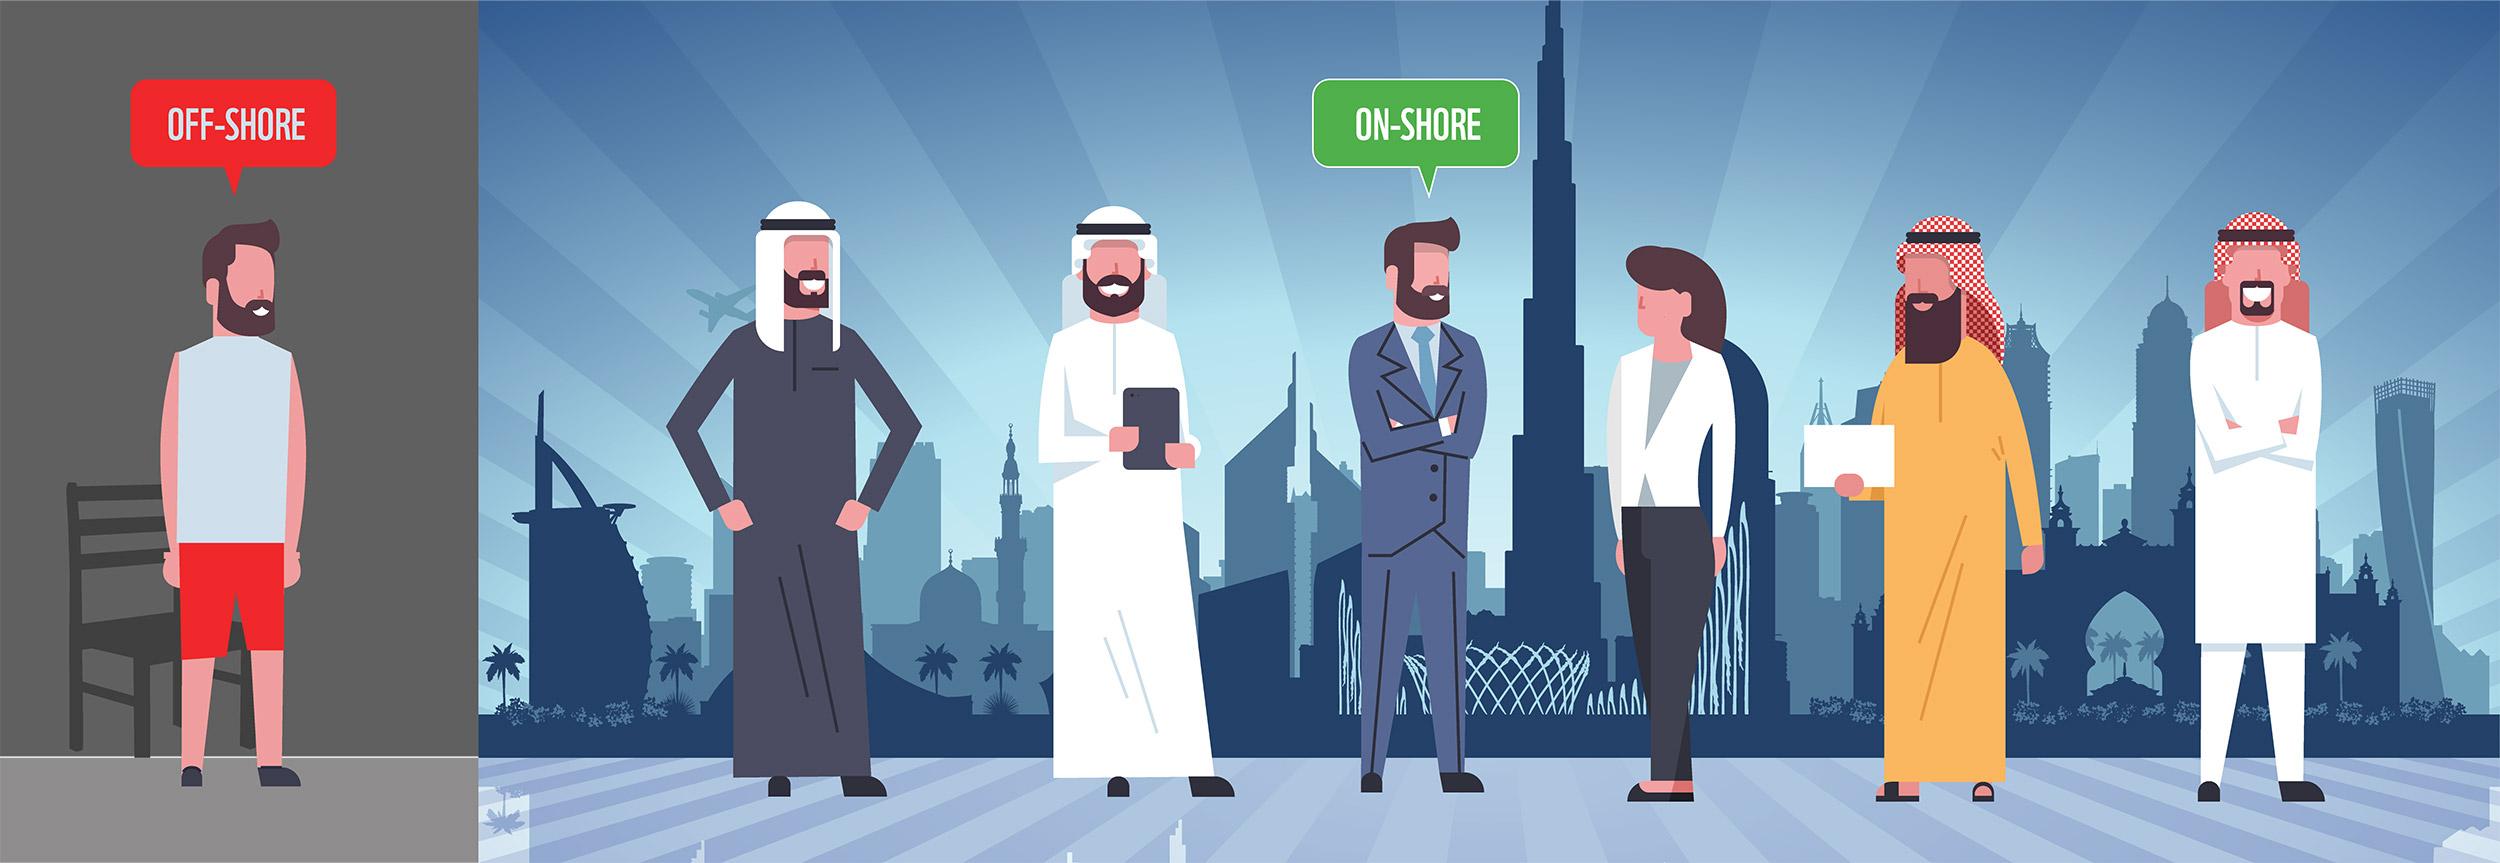 Onshore vs Offshore UAE